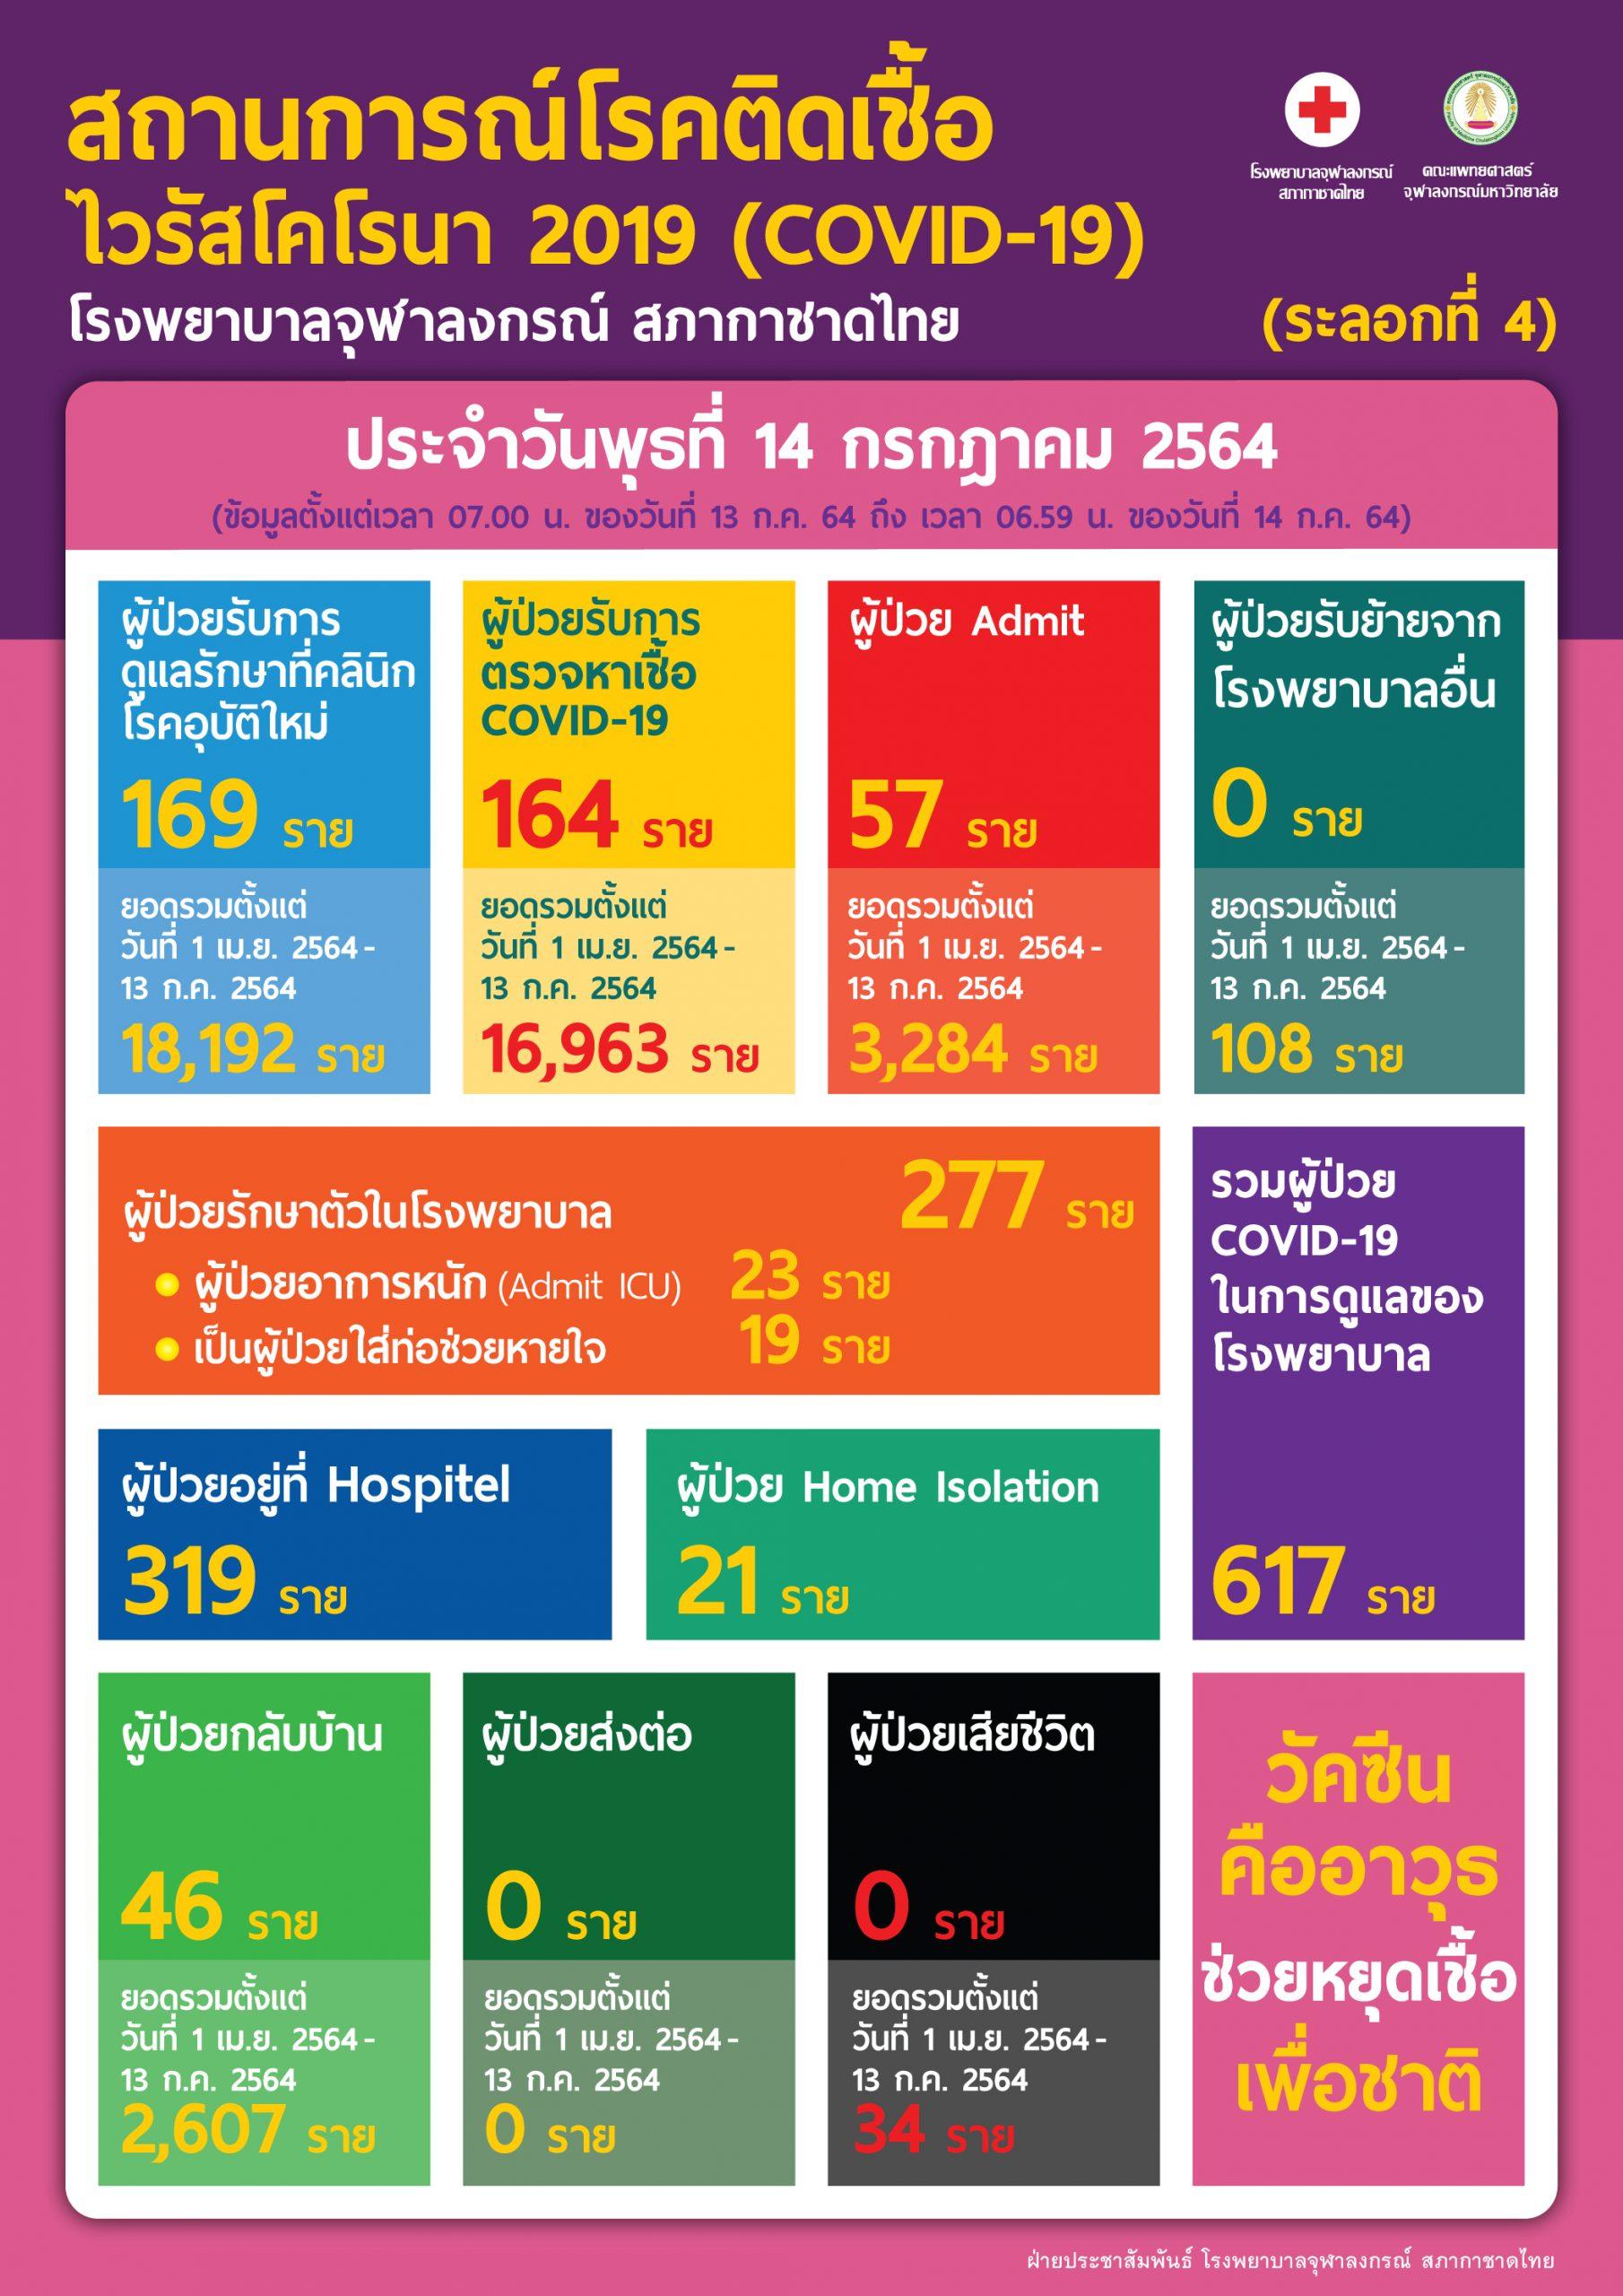 สถานการณ์โรคติดเชื้อไวรัสโคโรนา 2019 (COVID-19) (ระลอกที่ 4) โรงพยาบาลจุฬาลงกรณ์ สภากาชาดไทย ประจำวันพุธที่ 14 กรกฎาคม 2564